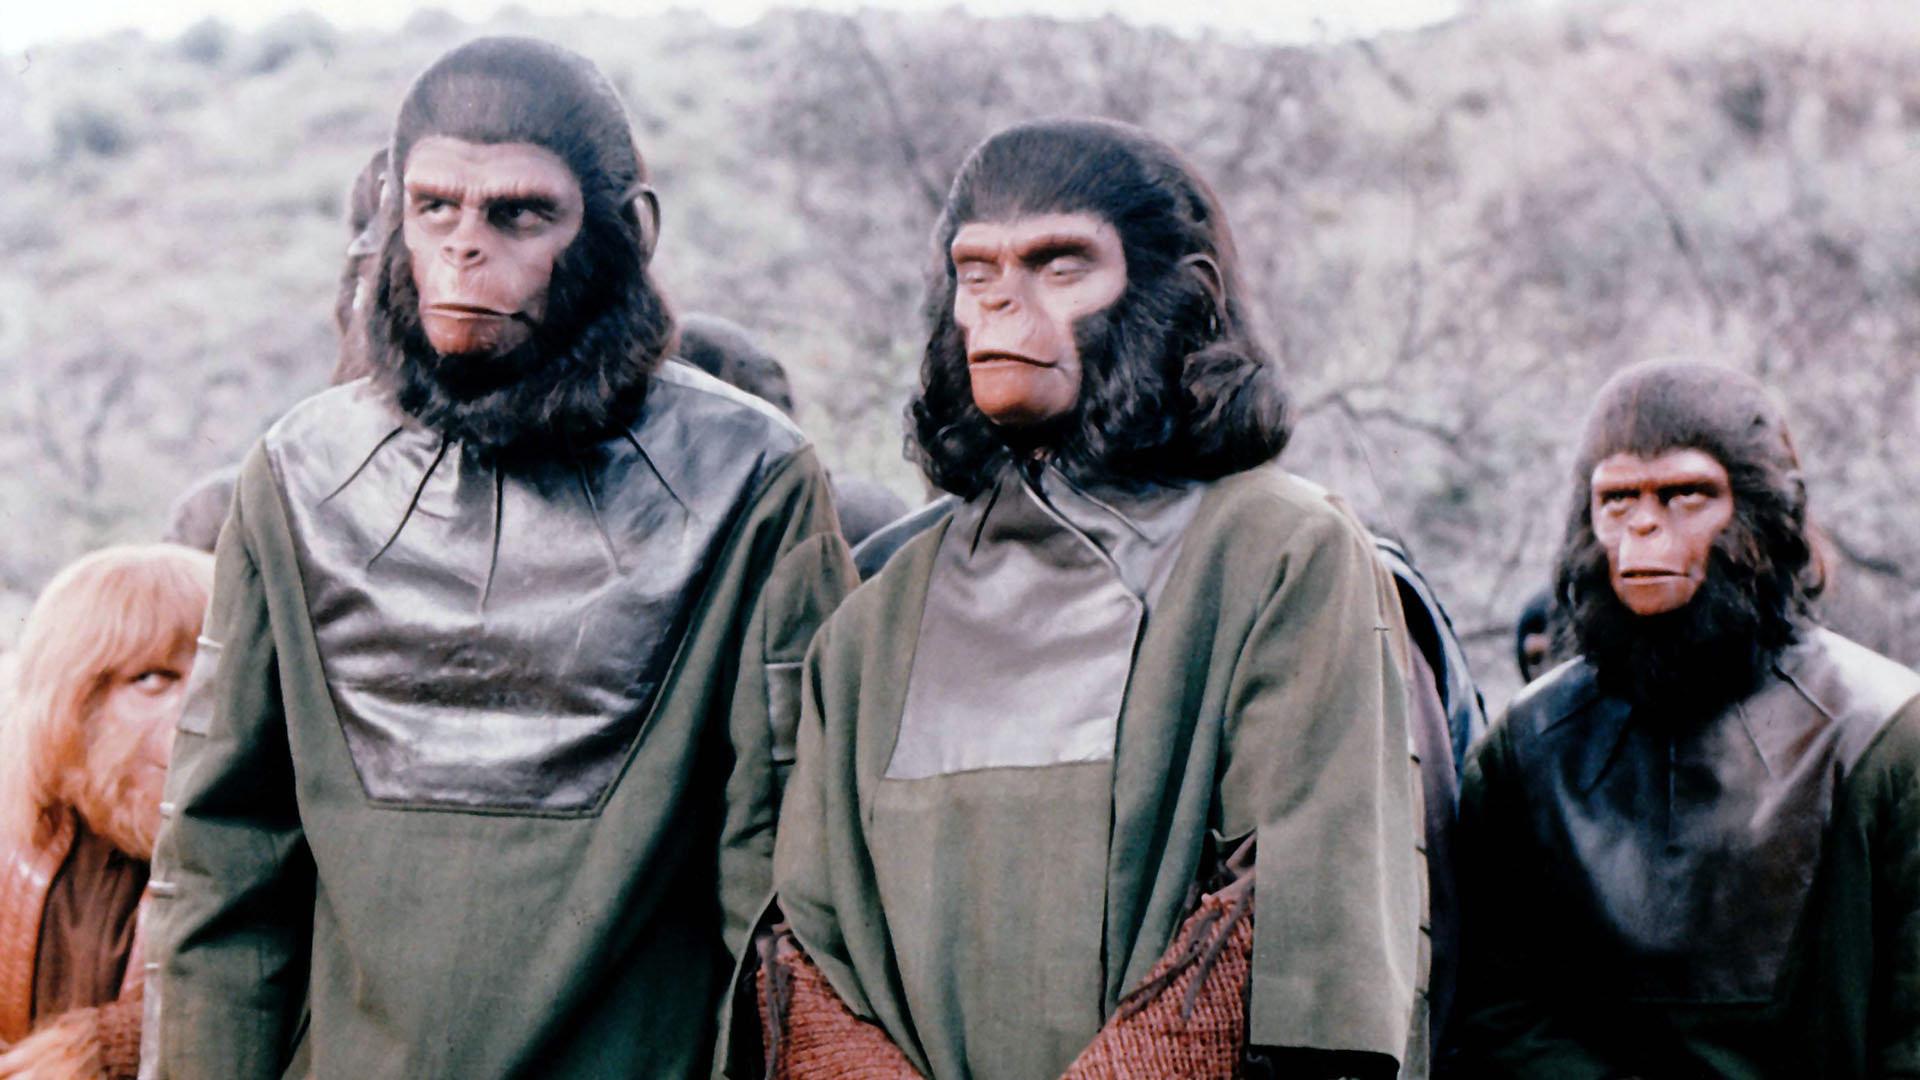 Sul pianeta delle scimmie, si chiamerà fattore umano?